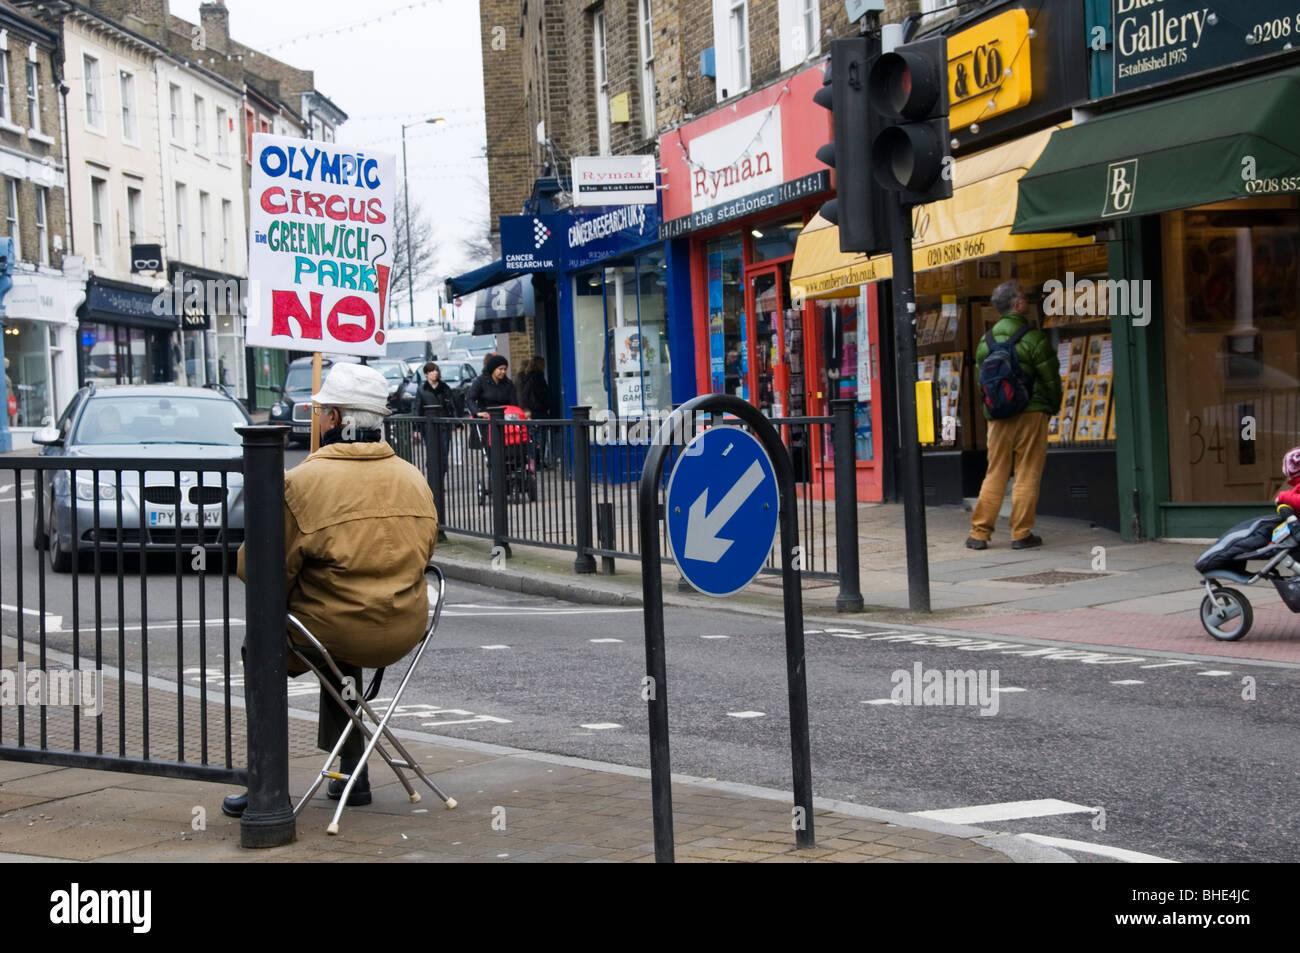 Un manifestante en Blackheath contra el uso de Greenwich Park para los Olímpicos del 2012 Imagen De Stock